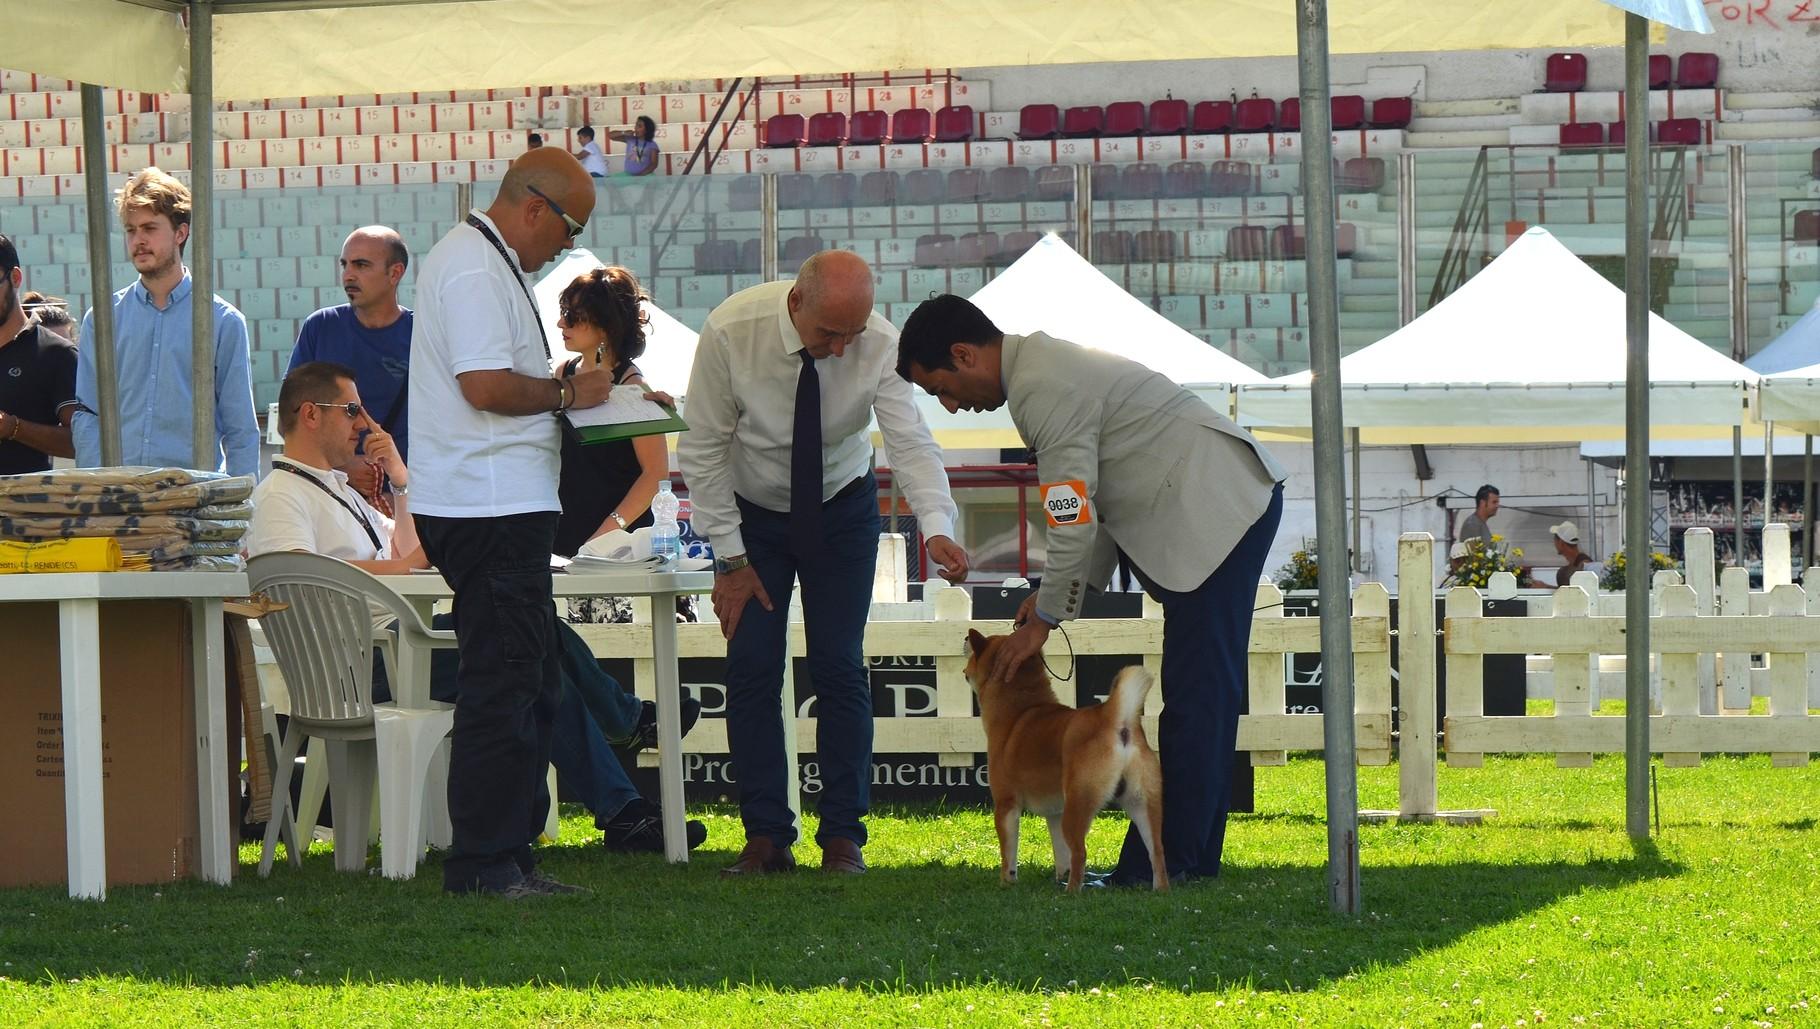 """RYU di Casa Savoca """" Expo Internazionale di Rende 1° Eccellente"""" 20/06/15"""